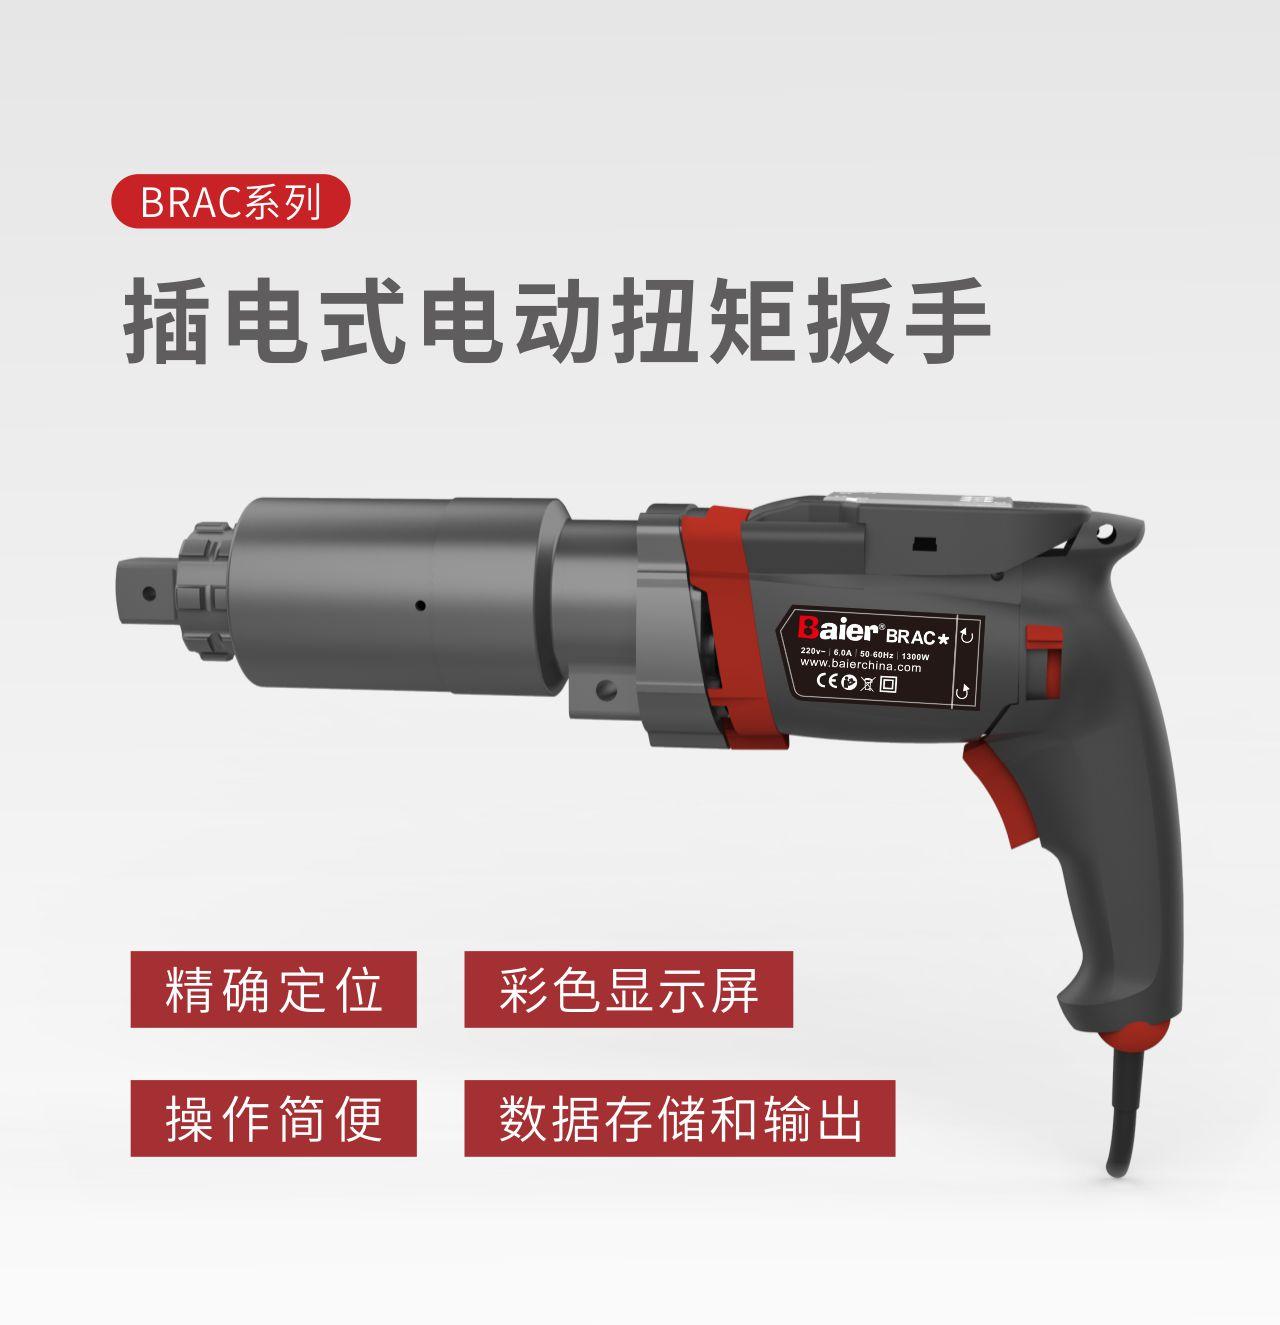 BRAC系列--数控电动扭矩扳手